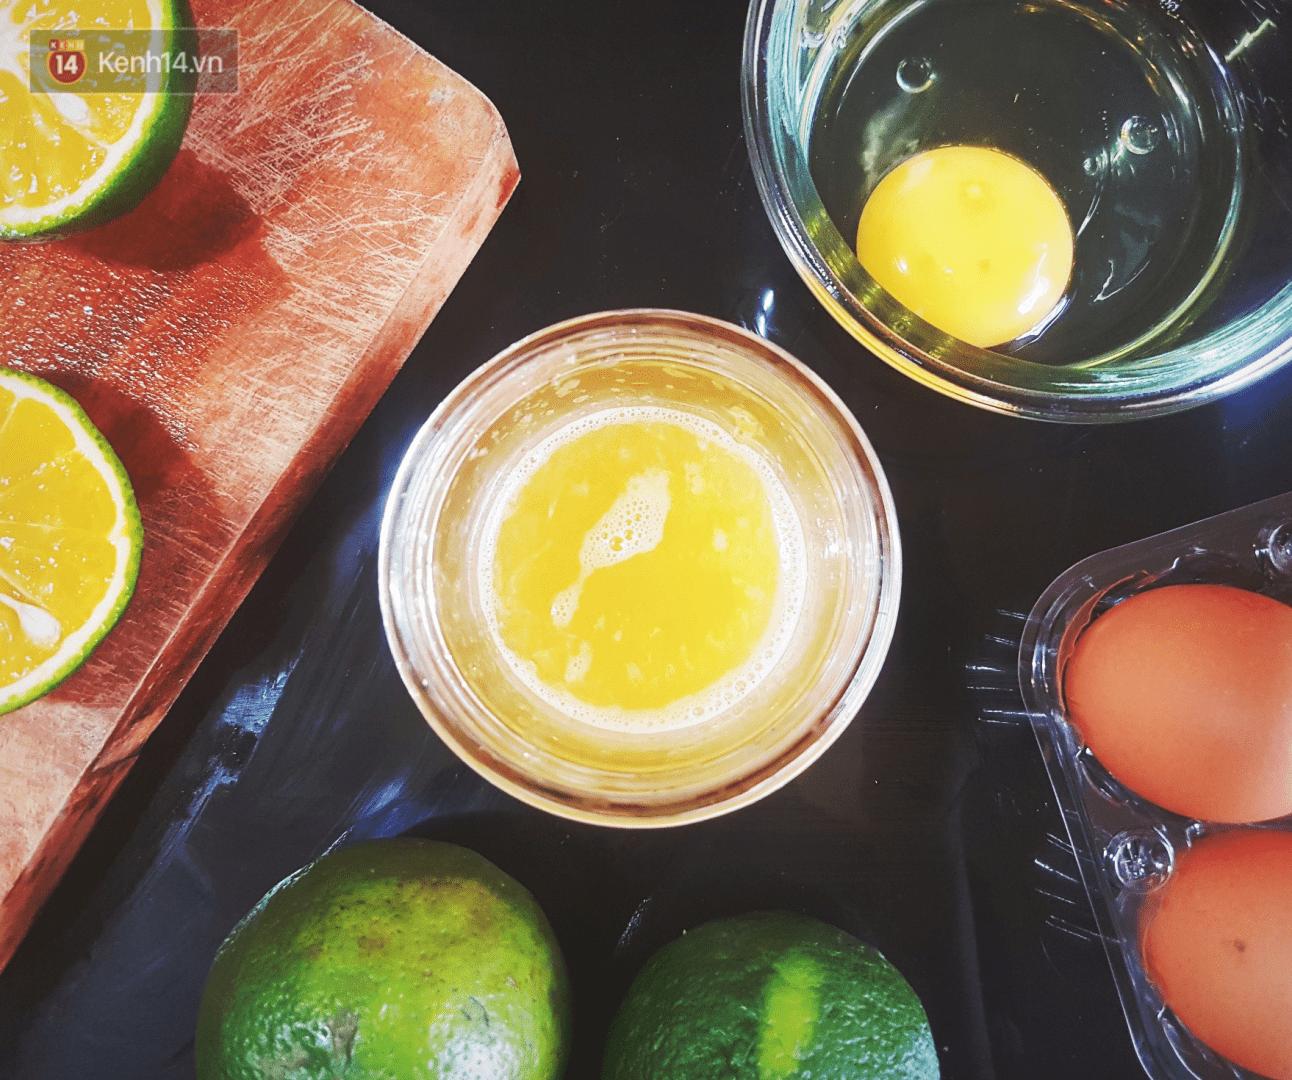 Trứng gà ta kết hợp nước cam vắt từ máy vắt cam WMF của Đức sẽ là một món ăn tươi mới cho bữa cơm nhà bạn